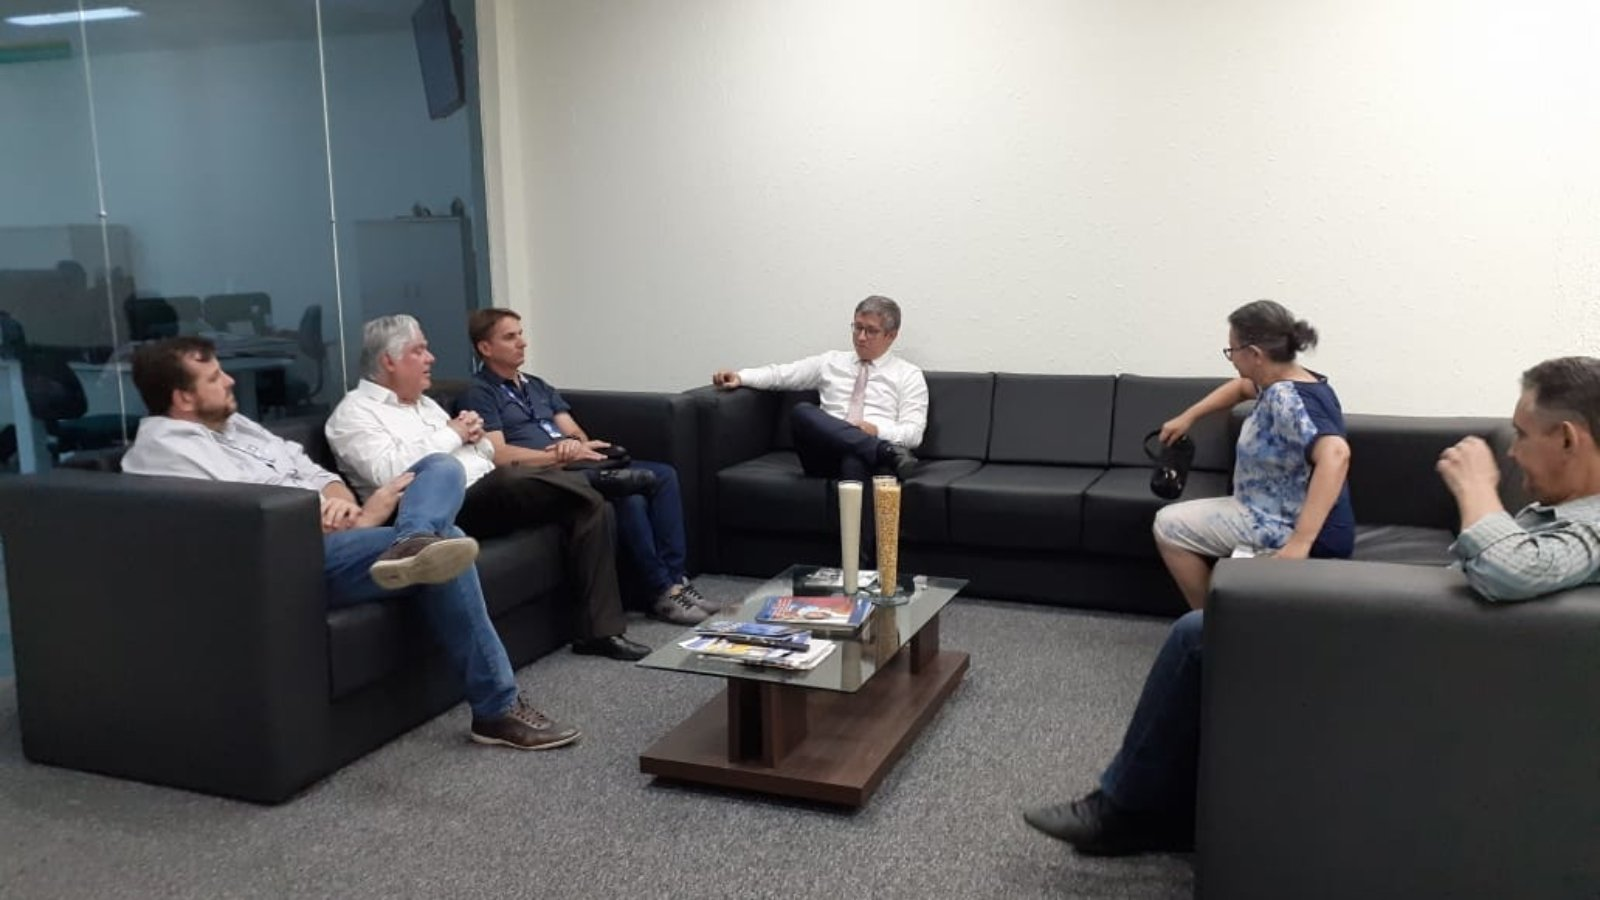 Integrantes do Fórum de Energias Renováveis de Roraima e representante do Banco da Amazônia se reuniram para traçar metas que facilitem o acesso de sociedade às linhas de crédito. Foto: Ascom/Fórum de Energias Renováveis de Roraima